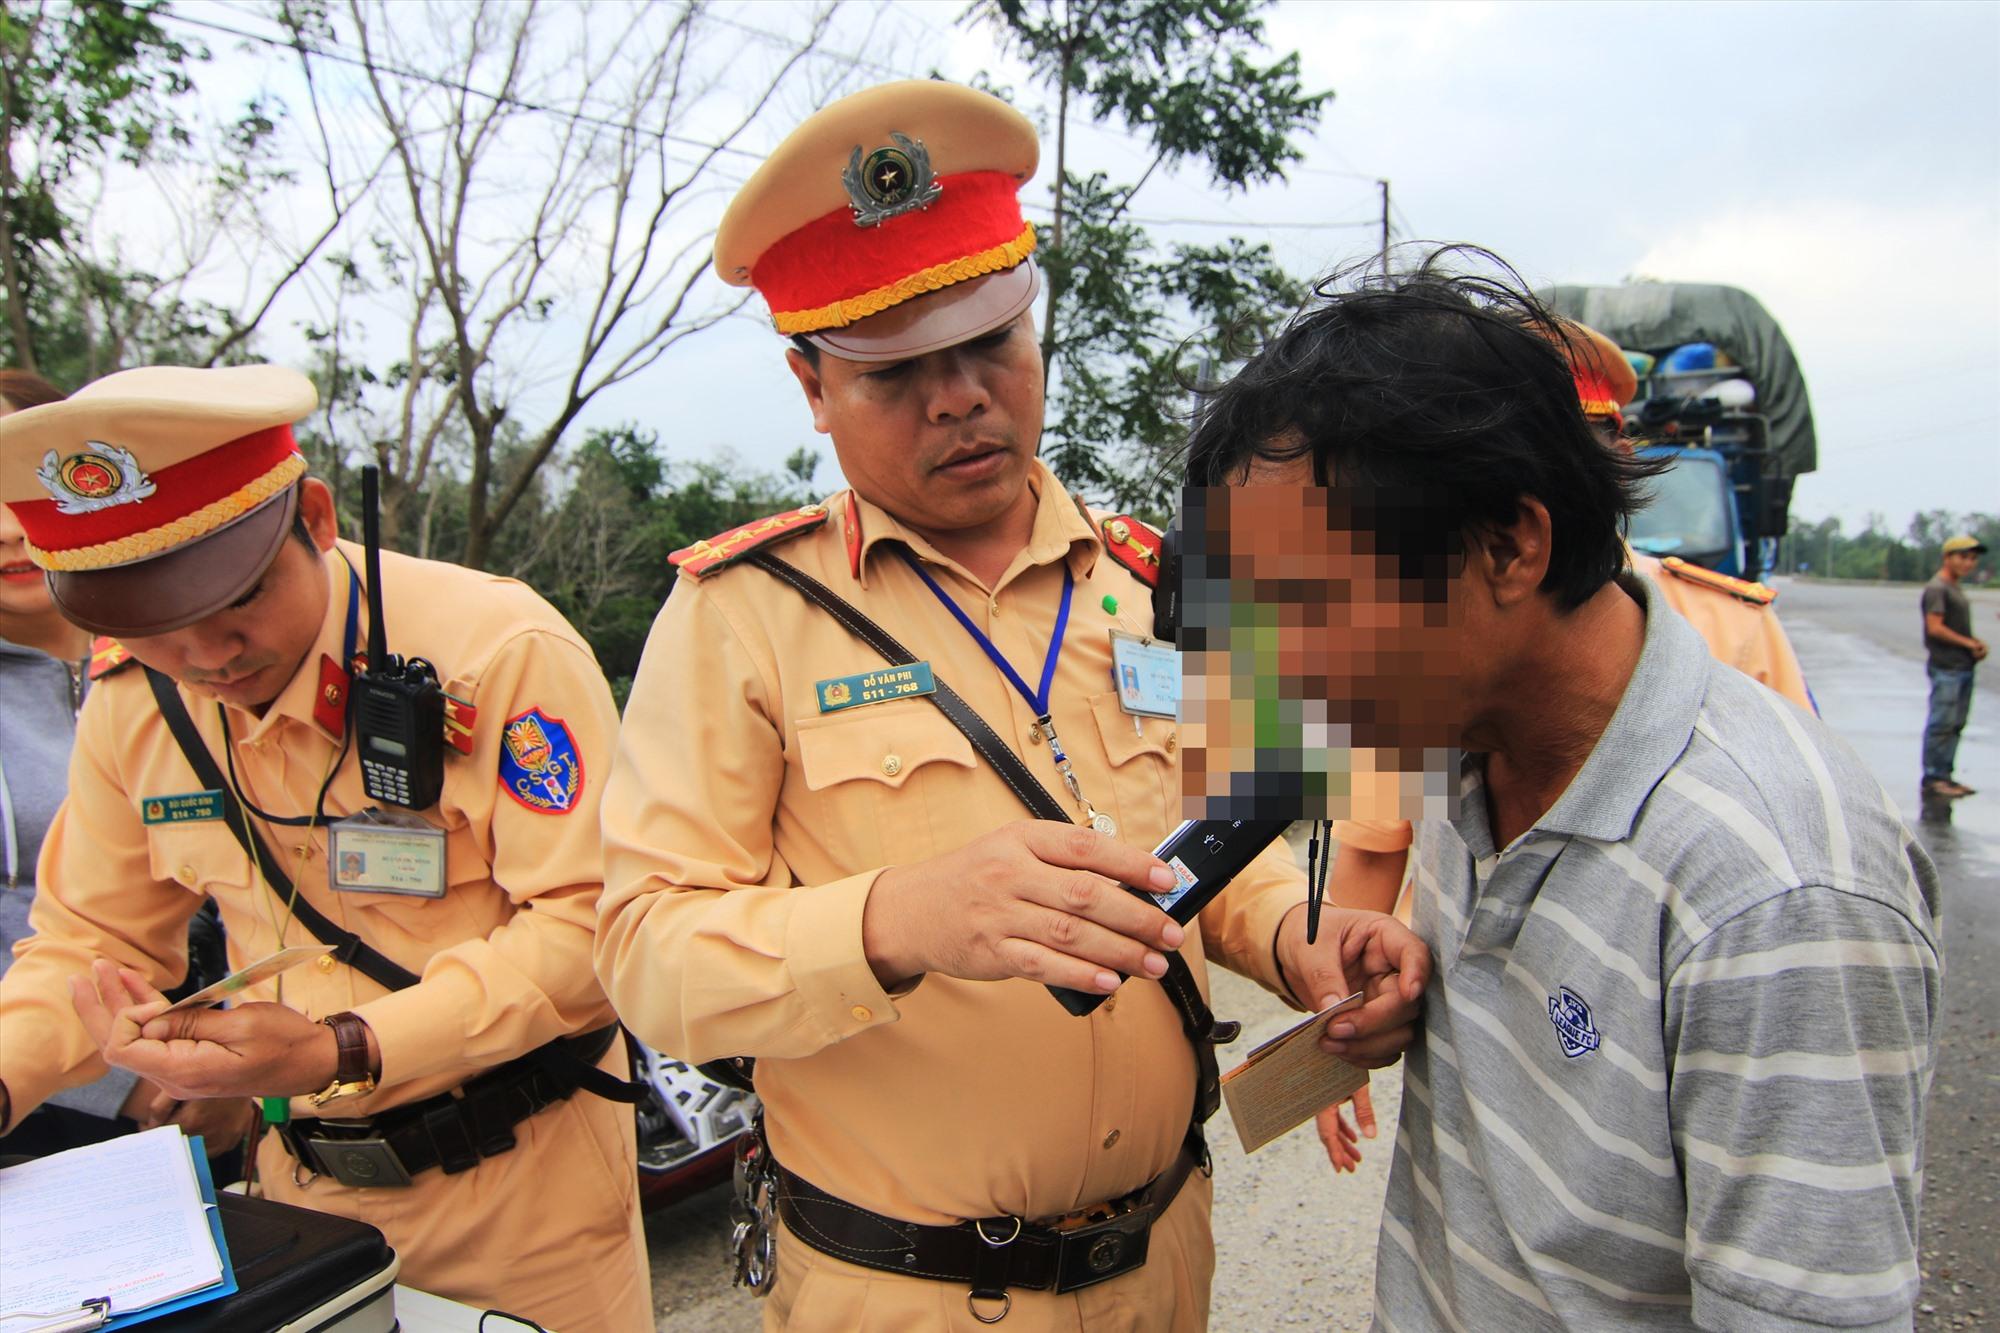 Lực lượng Cảnh sát giao thông kiểm tra, đo nồng đồ cồn người điều khiển phương tiện tham gia giao thông. Ảnh: P.GIANG